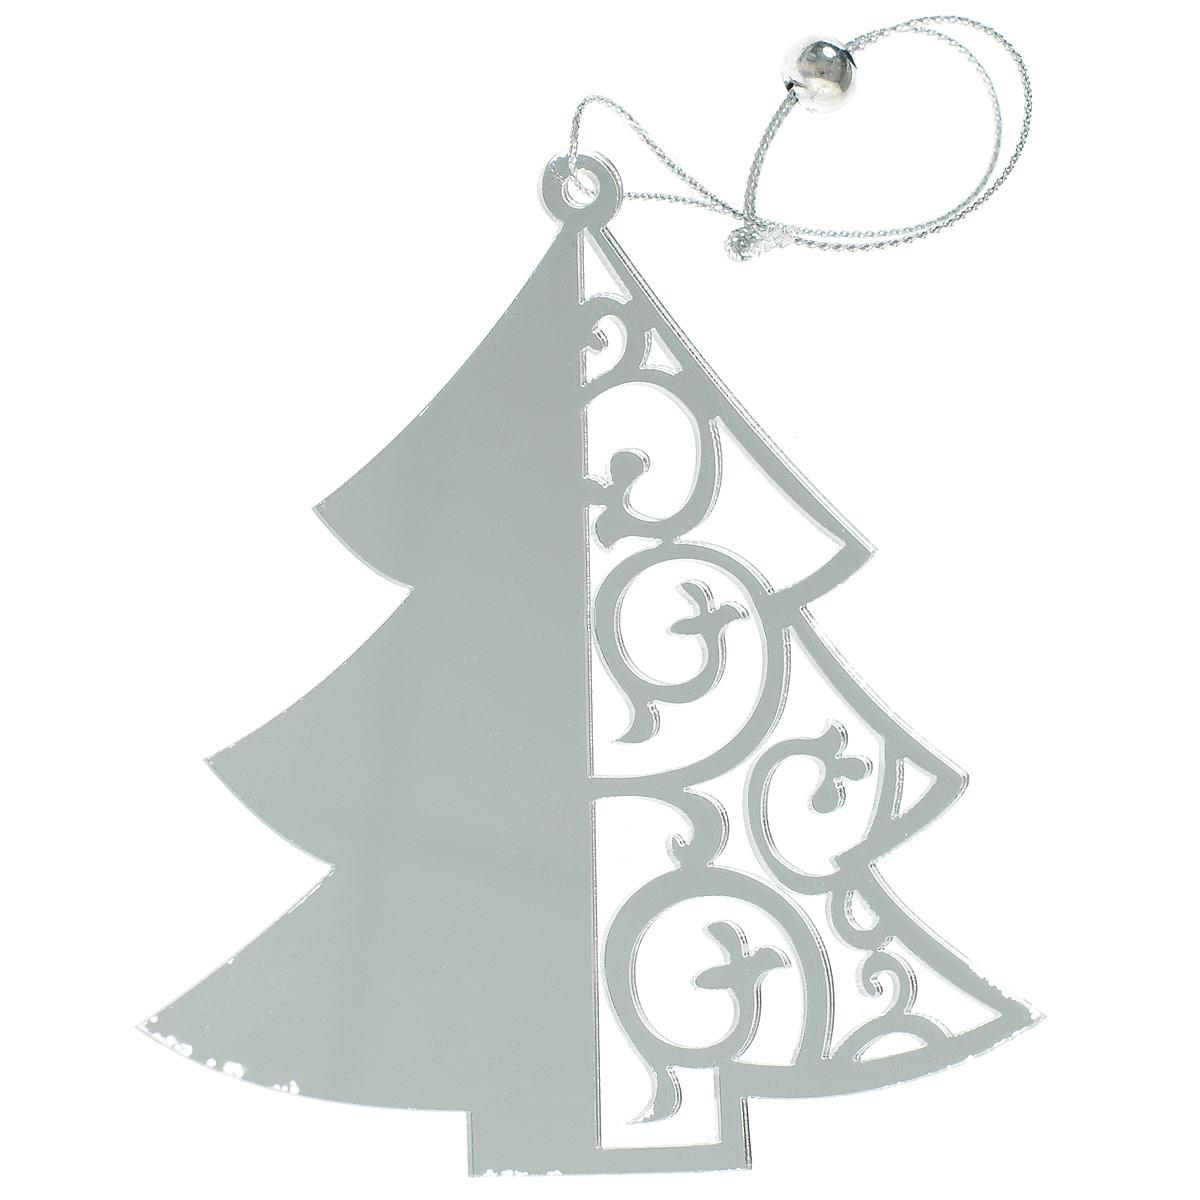 Новогоднее подвесное украшение Елка, цвет: серебристый. 7029970299Новогоднее украшение Елка отлично подойдет для декорации вашего дома и новогодней ели. Игрушка выполнена из пластика в виде узорной новогодней елочки. Украшение оснащено специальной текстильной петелькой для подвешивания. Елочная игрушка - символ Нового года. Она несет в себе волшебство и красоту праздника. Создайте в своем доме атмосферу веселья и радости, украшая всей семьей новогоднюю елку нарядными игрушками, которые будут из года в год накапливать теплоту воспоминаний.